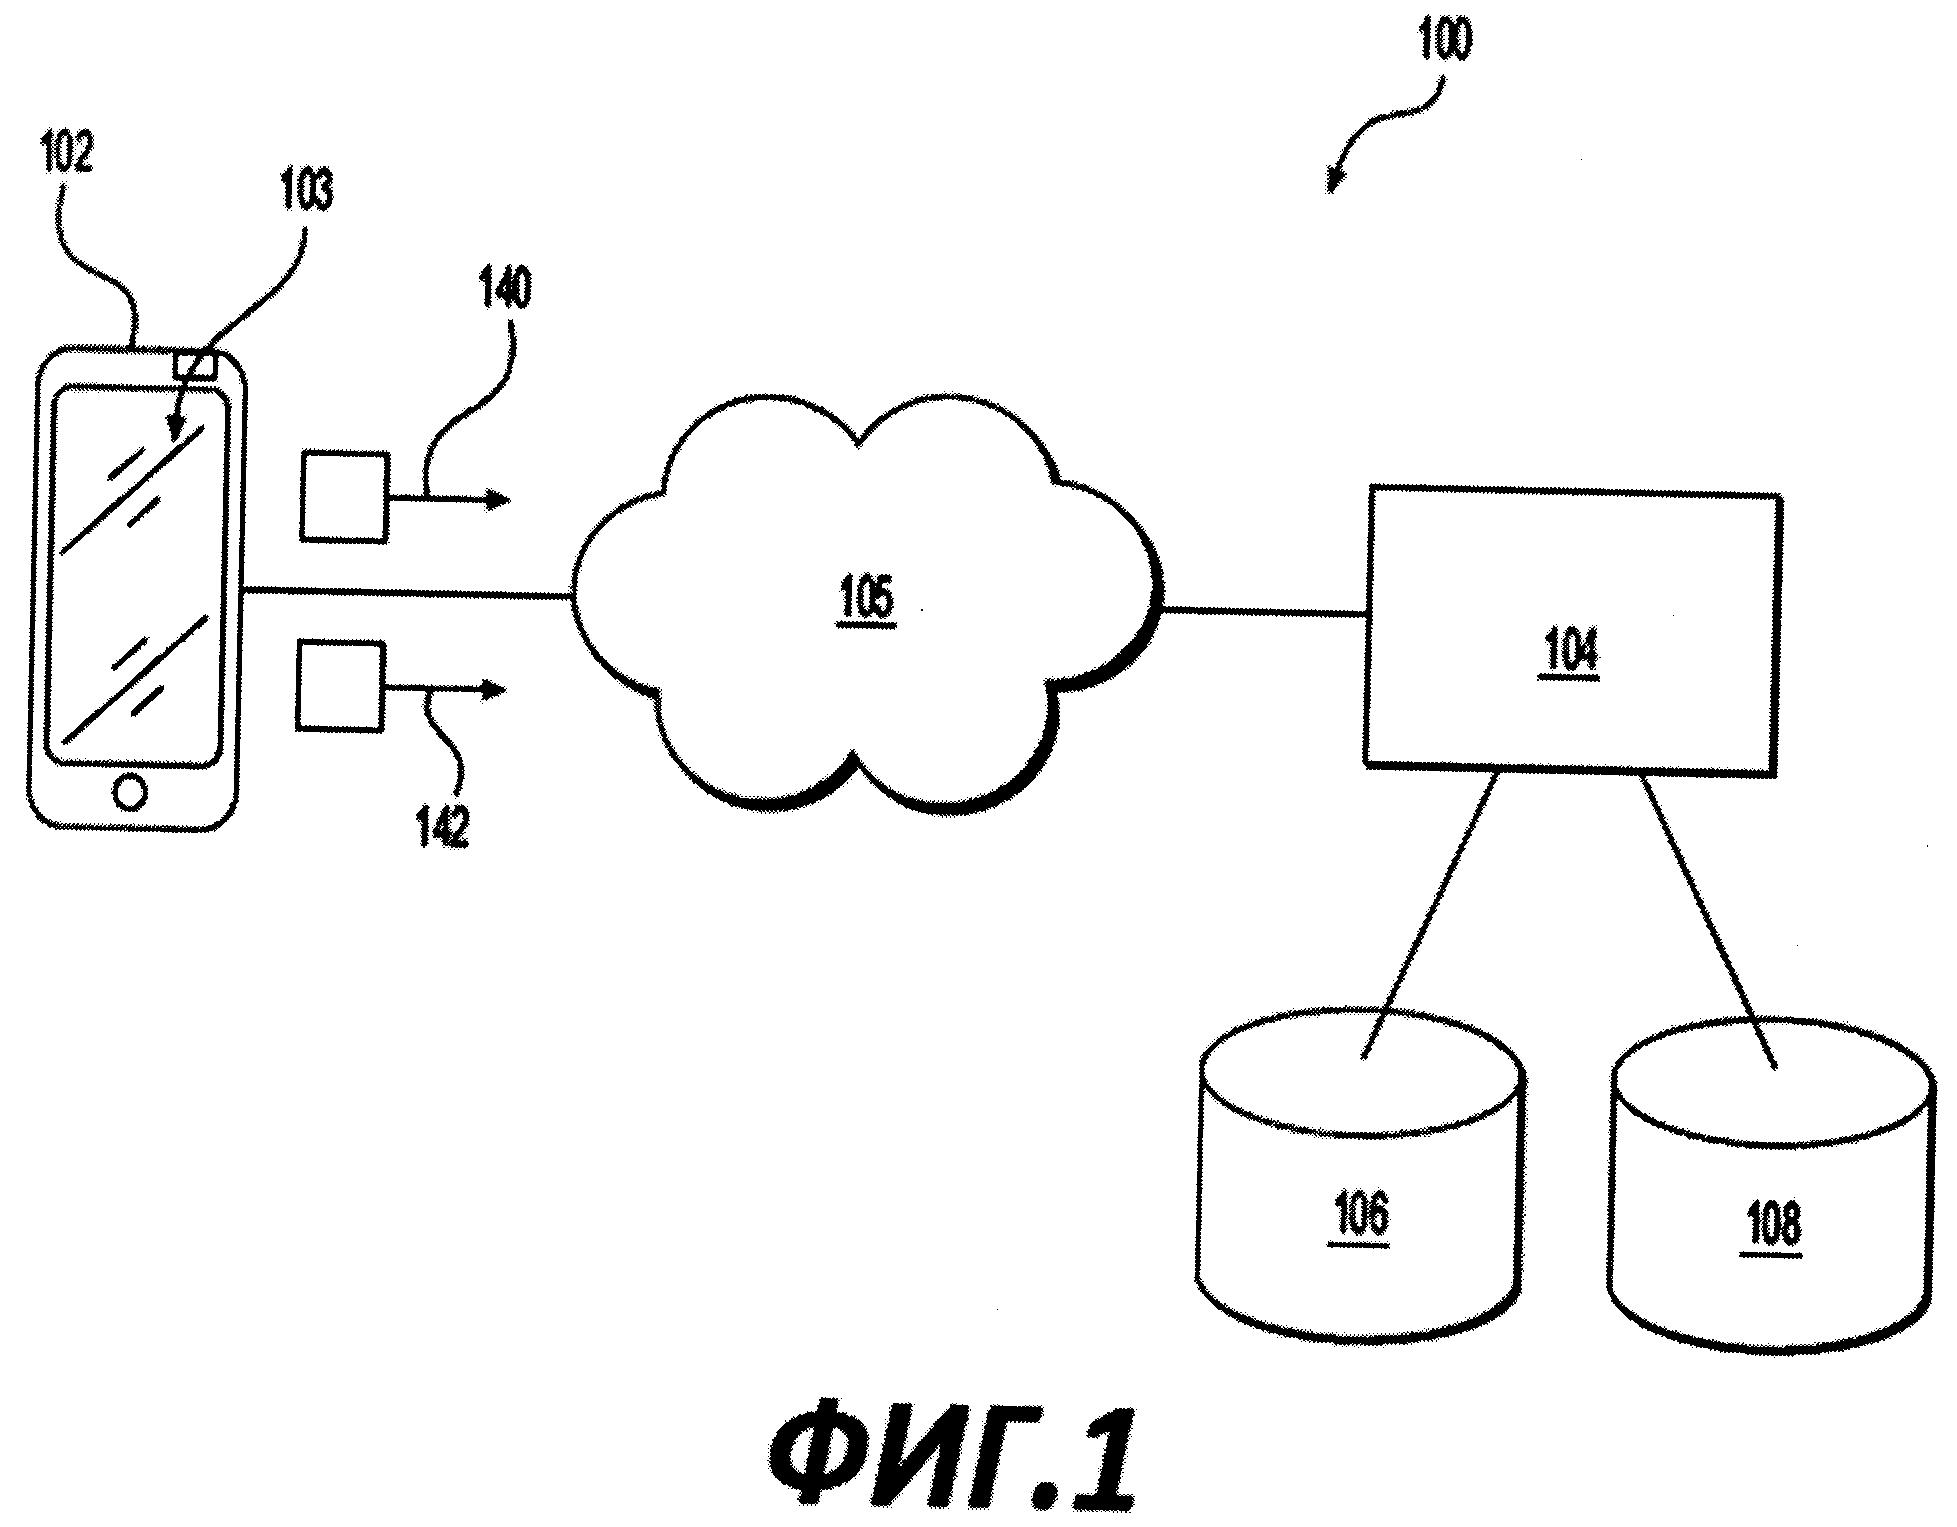 Способ и сервер для определения геолокации электронного устройства